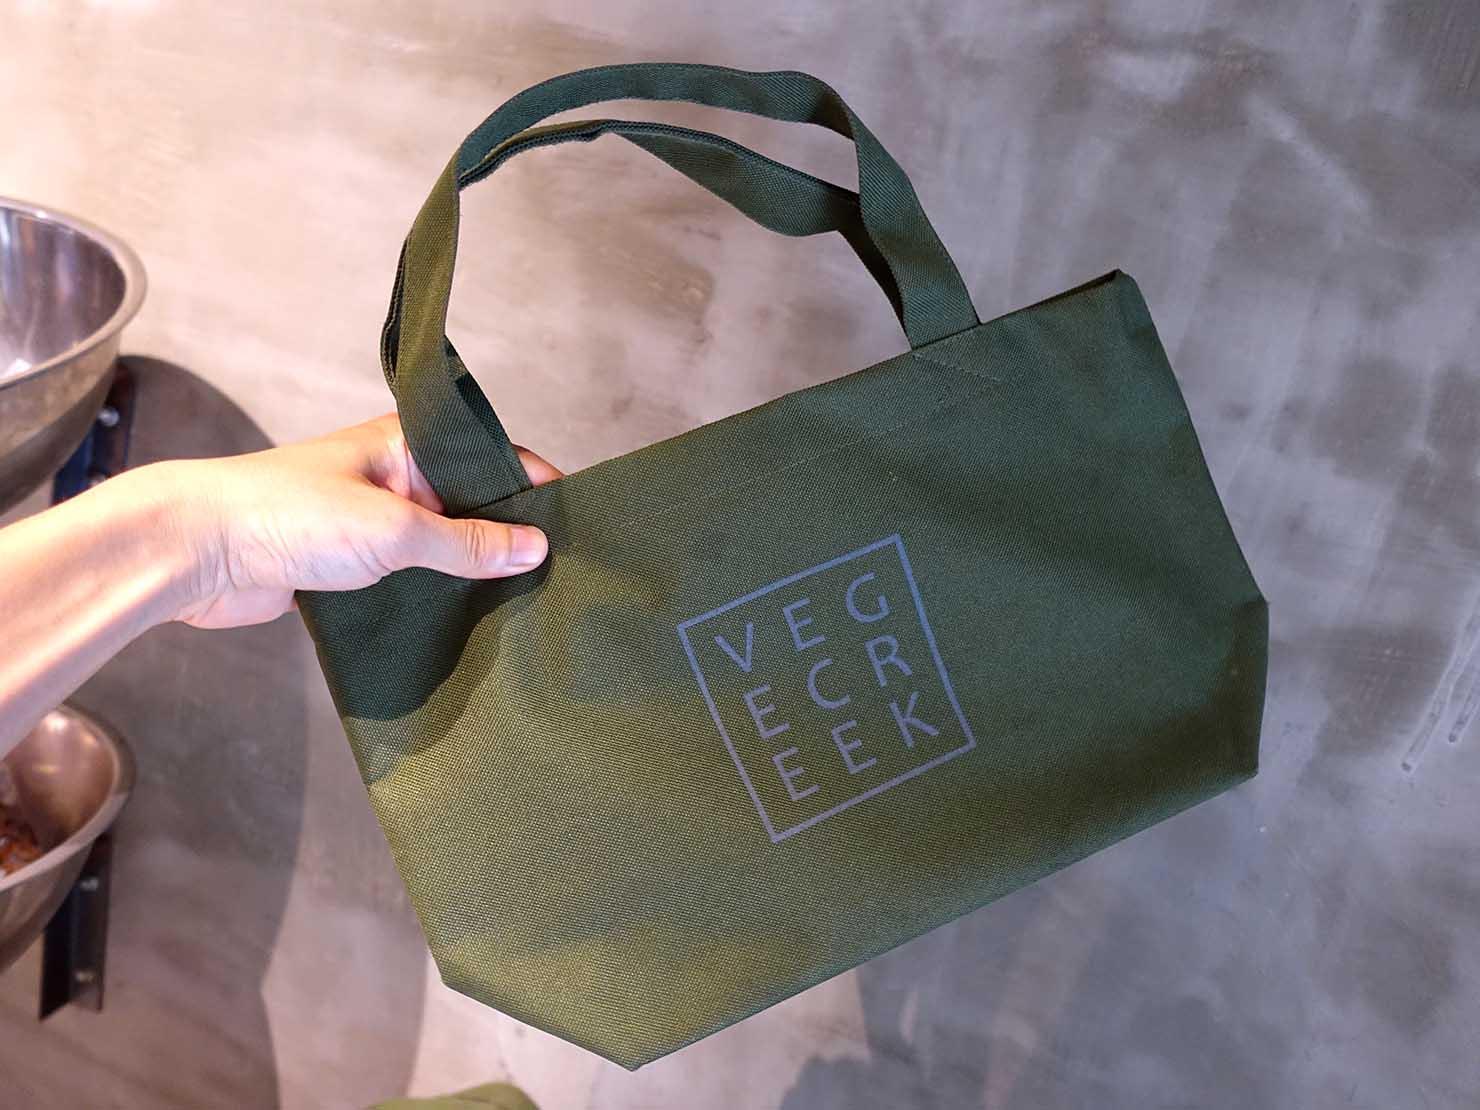 台北・國父紀念館のおすすめグルメ店「VEGE CREEK」の手提げバッグ